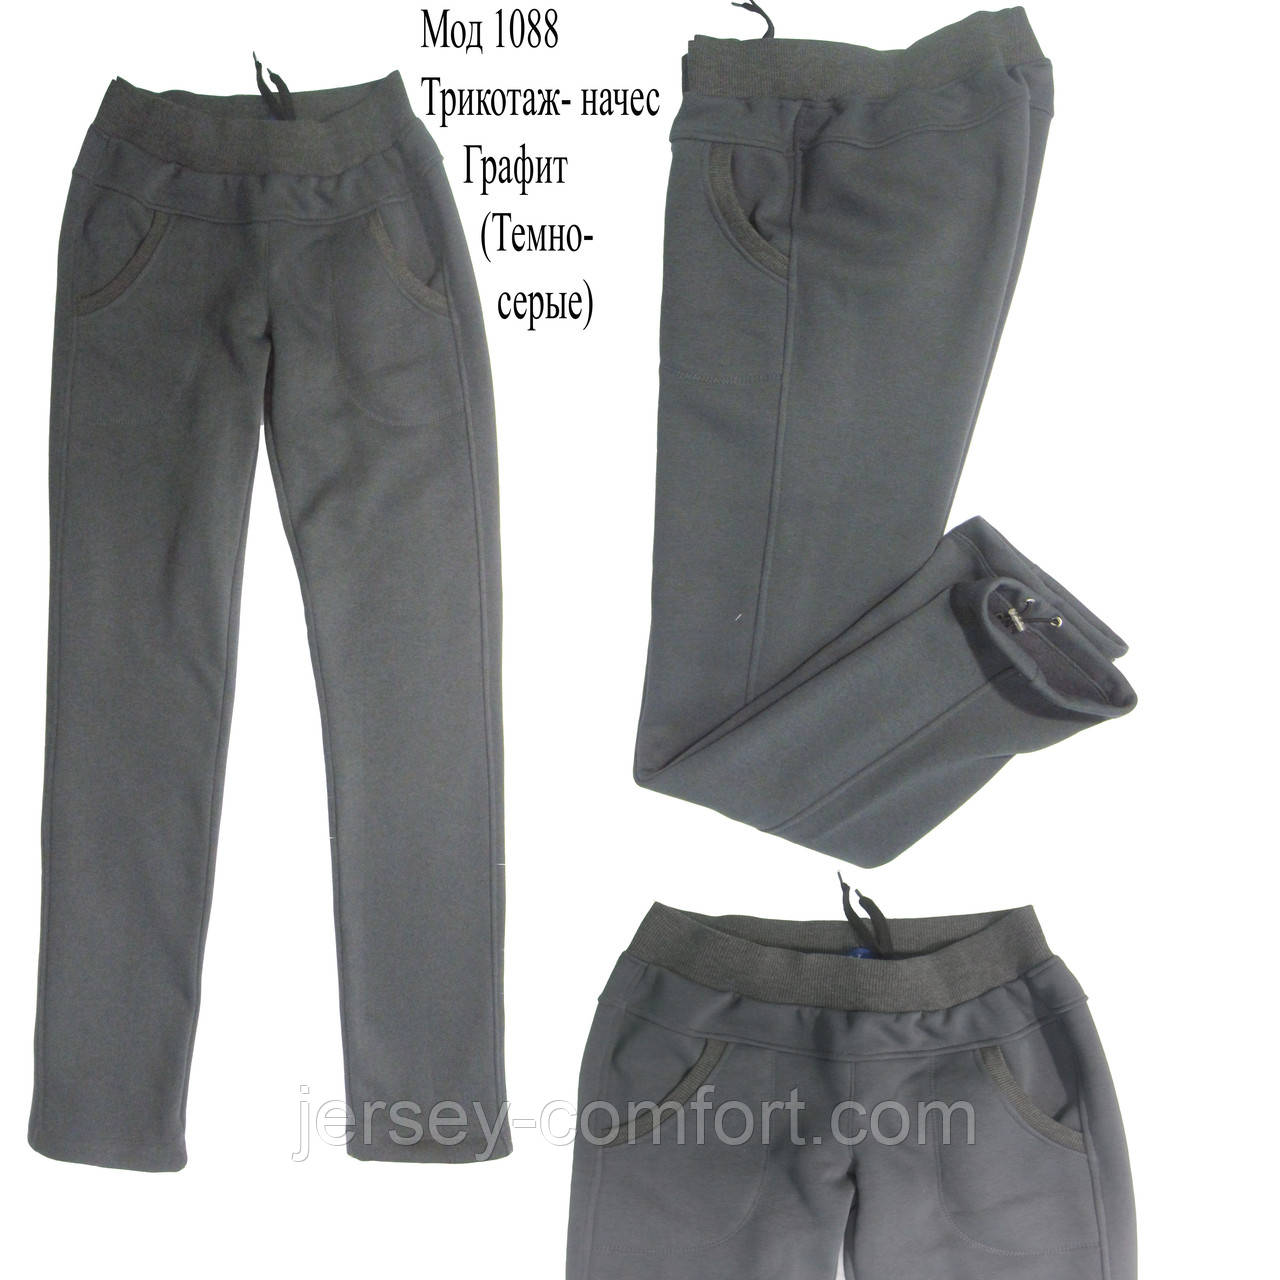 Купить утепленные брюки женские